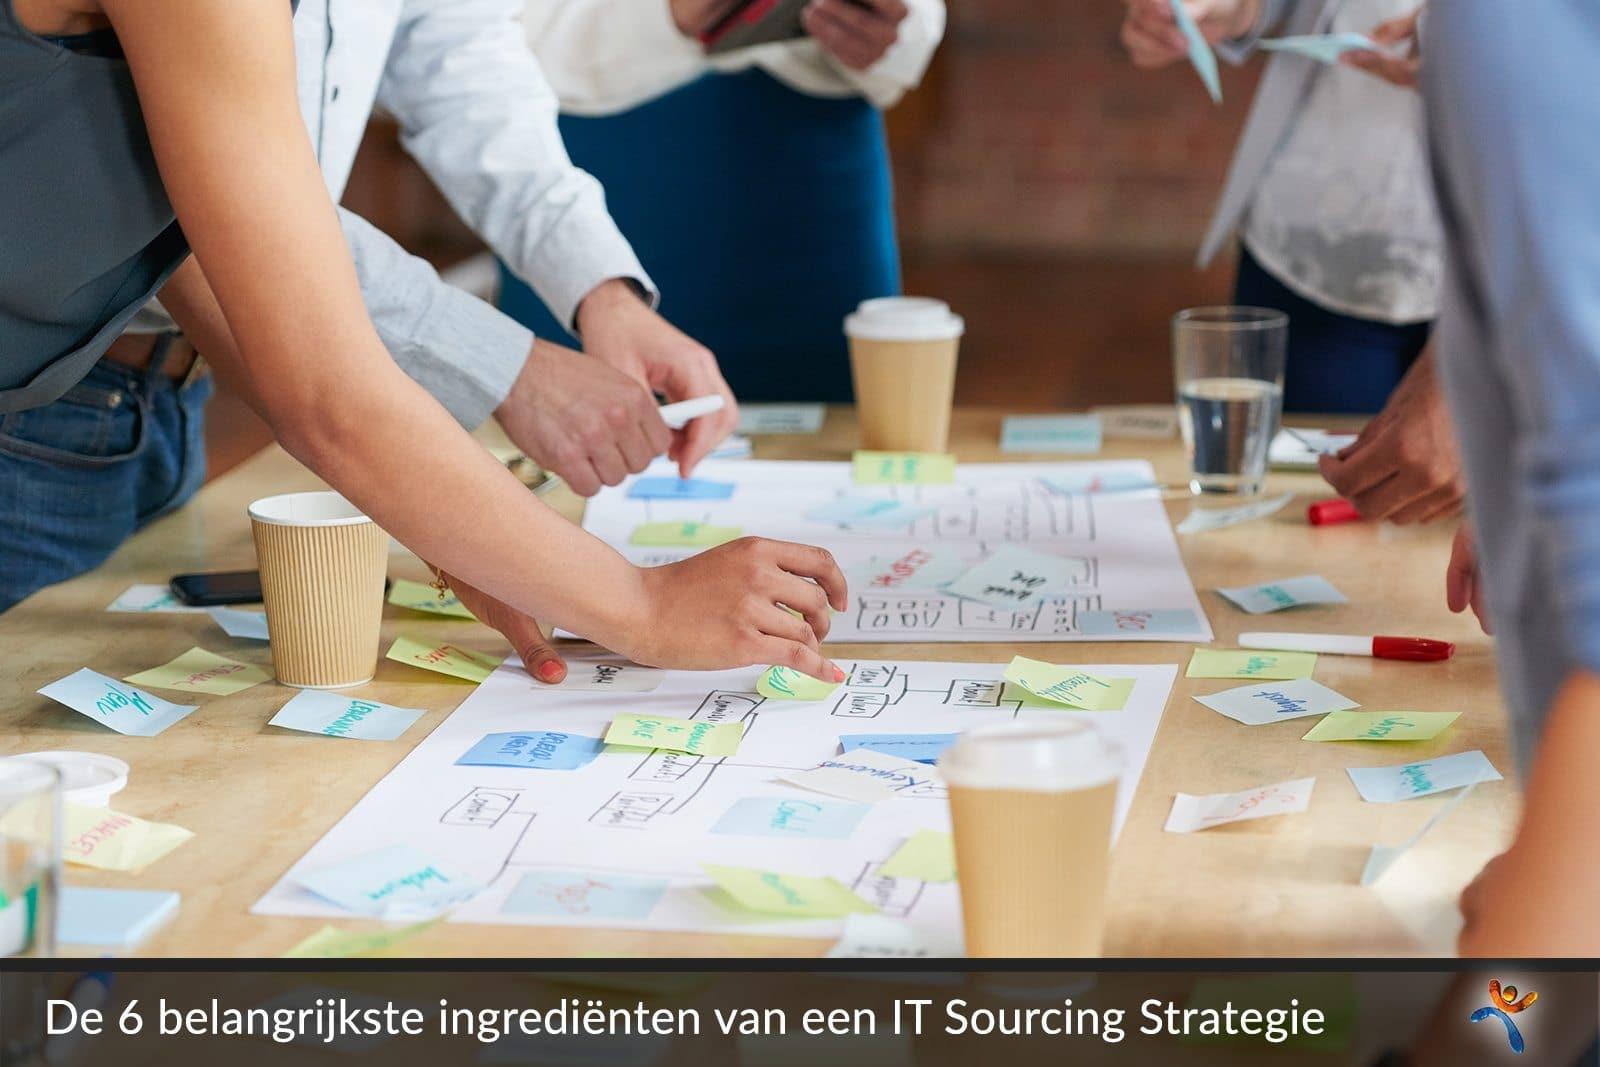 De 6 belangrijkste ingredienten van een IT Sourcing Strategie - DiVetro